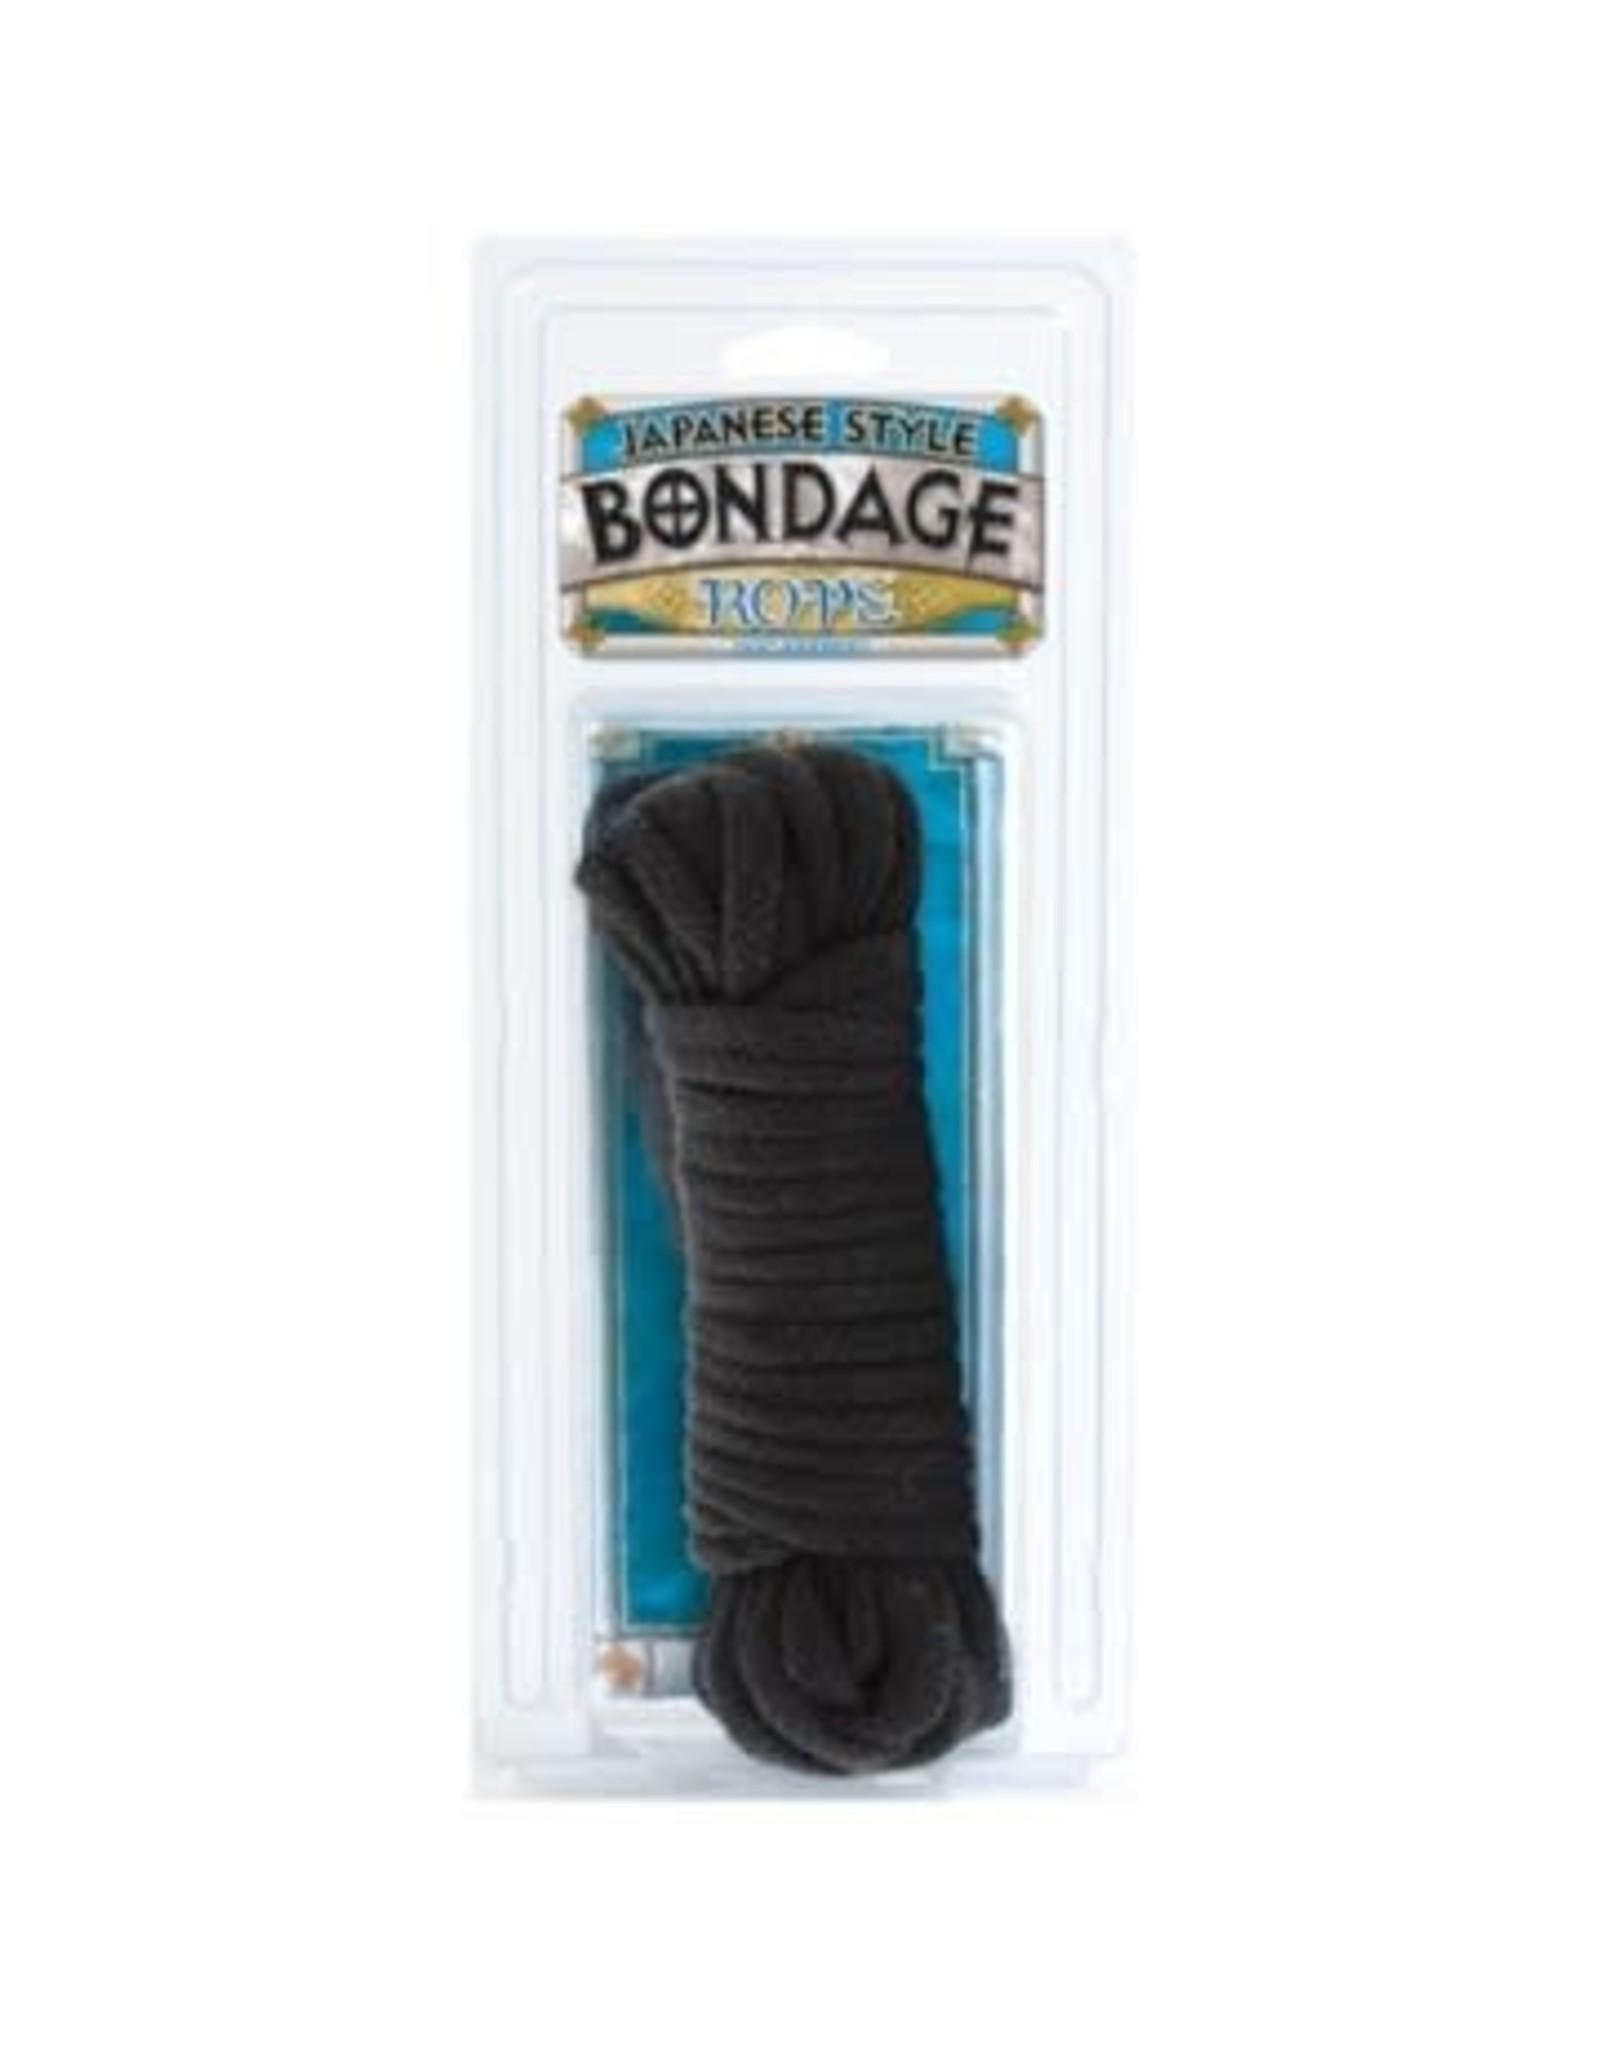 Japanese Style Bondage Rope Black